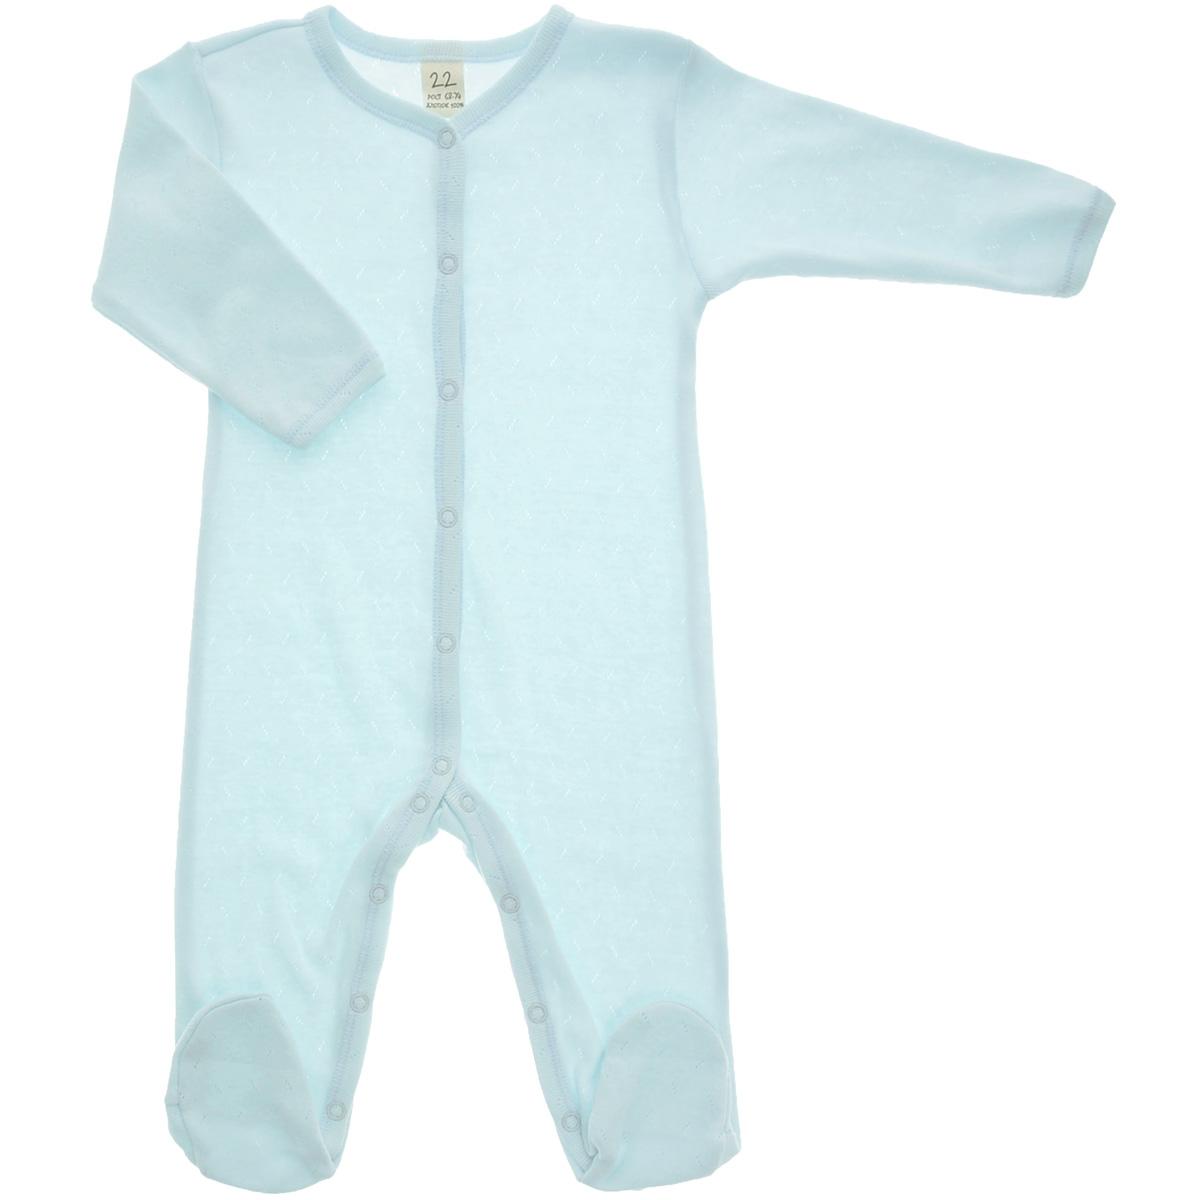 0-12Детский комбинезон Lucky Child - очень удобный и практичный вид одежды для малышей. Комбинезон выполнен из натурального хлопка, благодаря чему он необычайно мягкий и приятный на ощупь, не раздражают нежную кожу ребенка и хорошо вентилируются, а эластичные швы приятны телу малыша и не препятствуют его движениям. Комбинезон с длинными рукавами и закрытыми ножками имеет застежки-кнопки от горловины до щиколоток, которые помогают легко переодеть младенца или сменить подгузник. Модель выполнена из ткани с ажурным узором. С детским комбинезоном Lucky Child спинка и ножки вашего малыша всегда будут в тепле, он идеален для использования днем и незаменим ночью. Комбинезон полностью соответствует особенностям жизни младенца в ранний период, не стесняя и не ограничивая его в движениях!